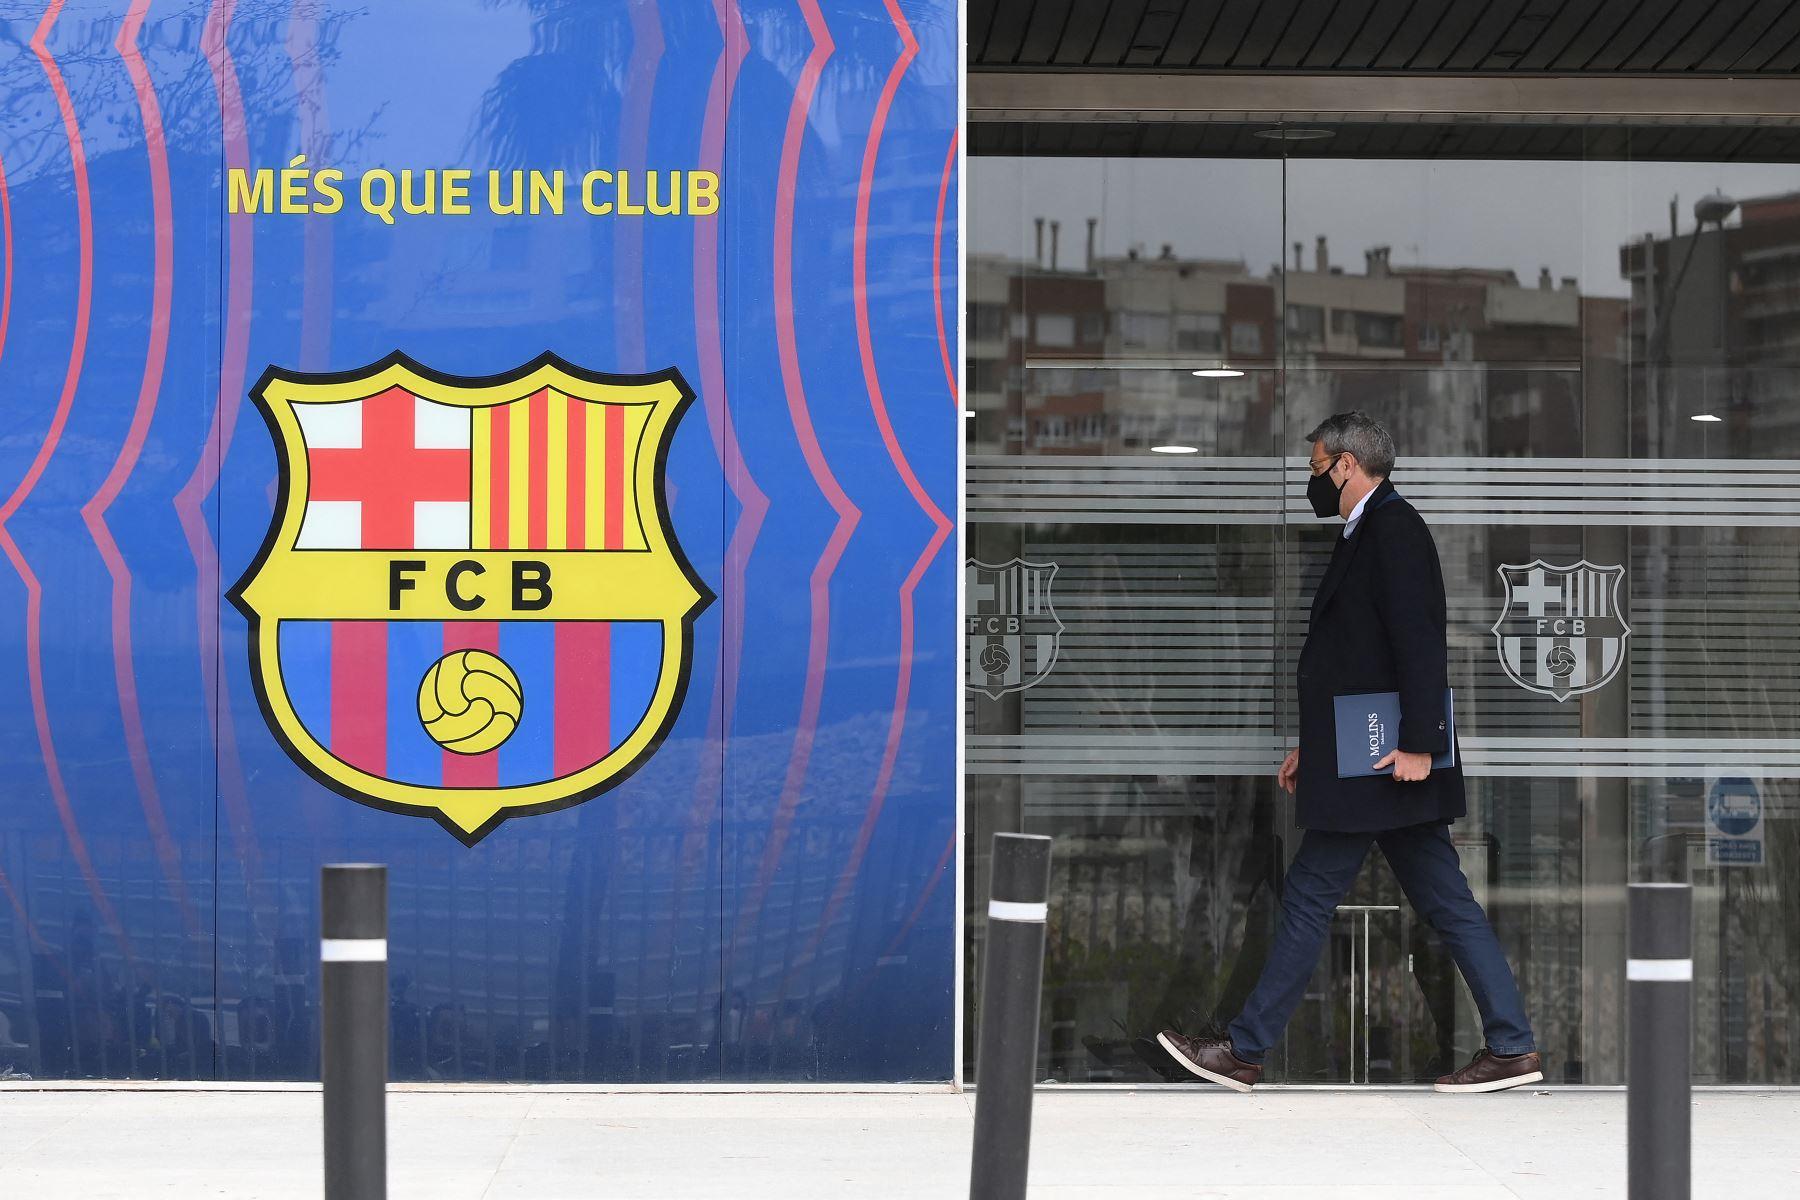 El abogado Jorge Navarro entra en las oficinas del Fútbol Club Barcelona el 01 de marzo de 2021 en Barcelona durante un operativo policial en el interior del edificio. Foto: AFP